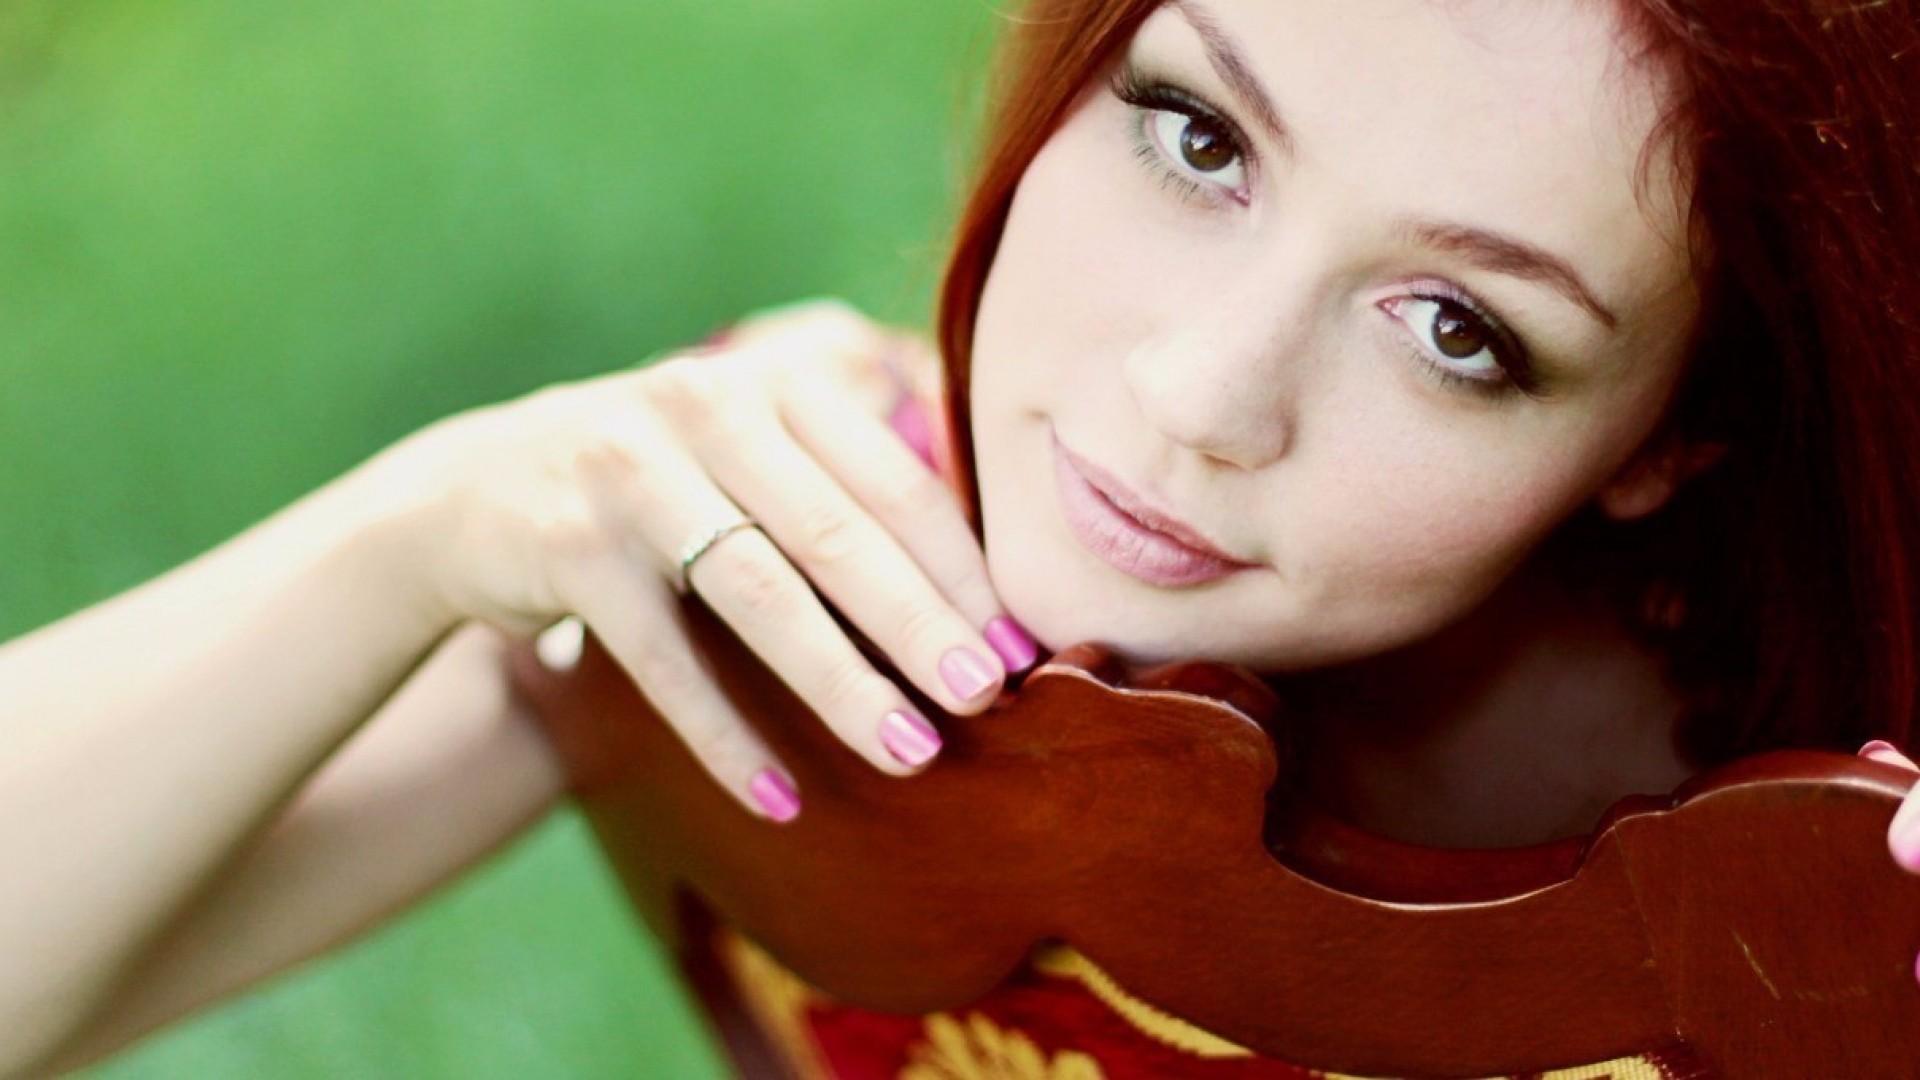 Валерия Кручинина: «Я открытый человек, не терплю подлости и предательства»